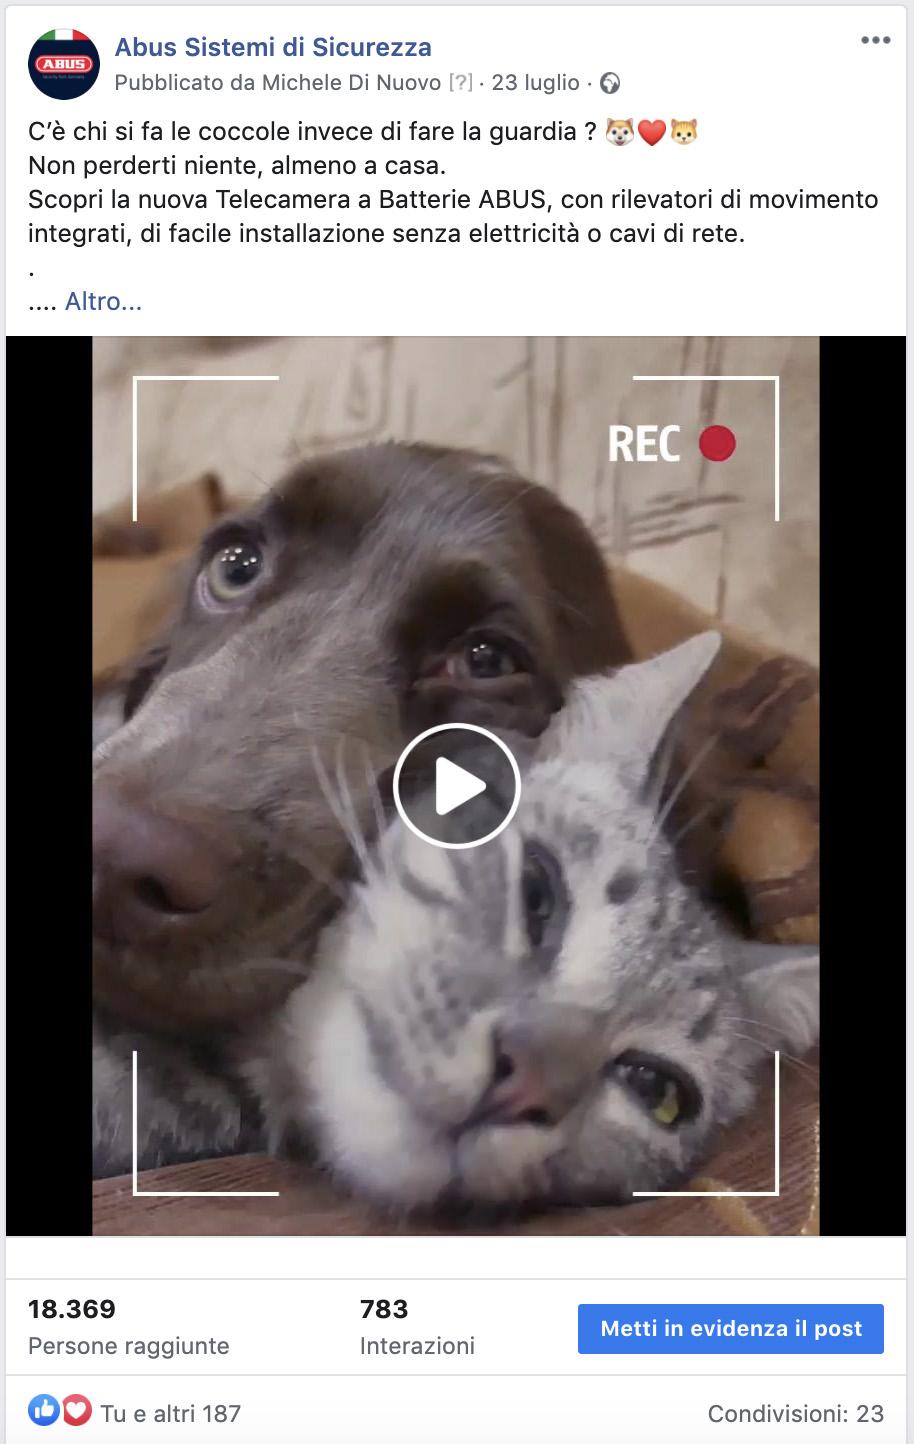 Menabò agenzia di comunicazione - news - ABUS campagna social